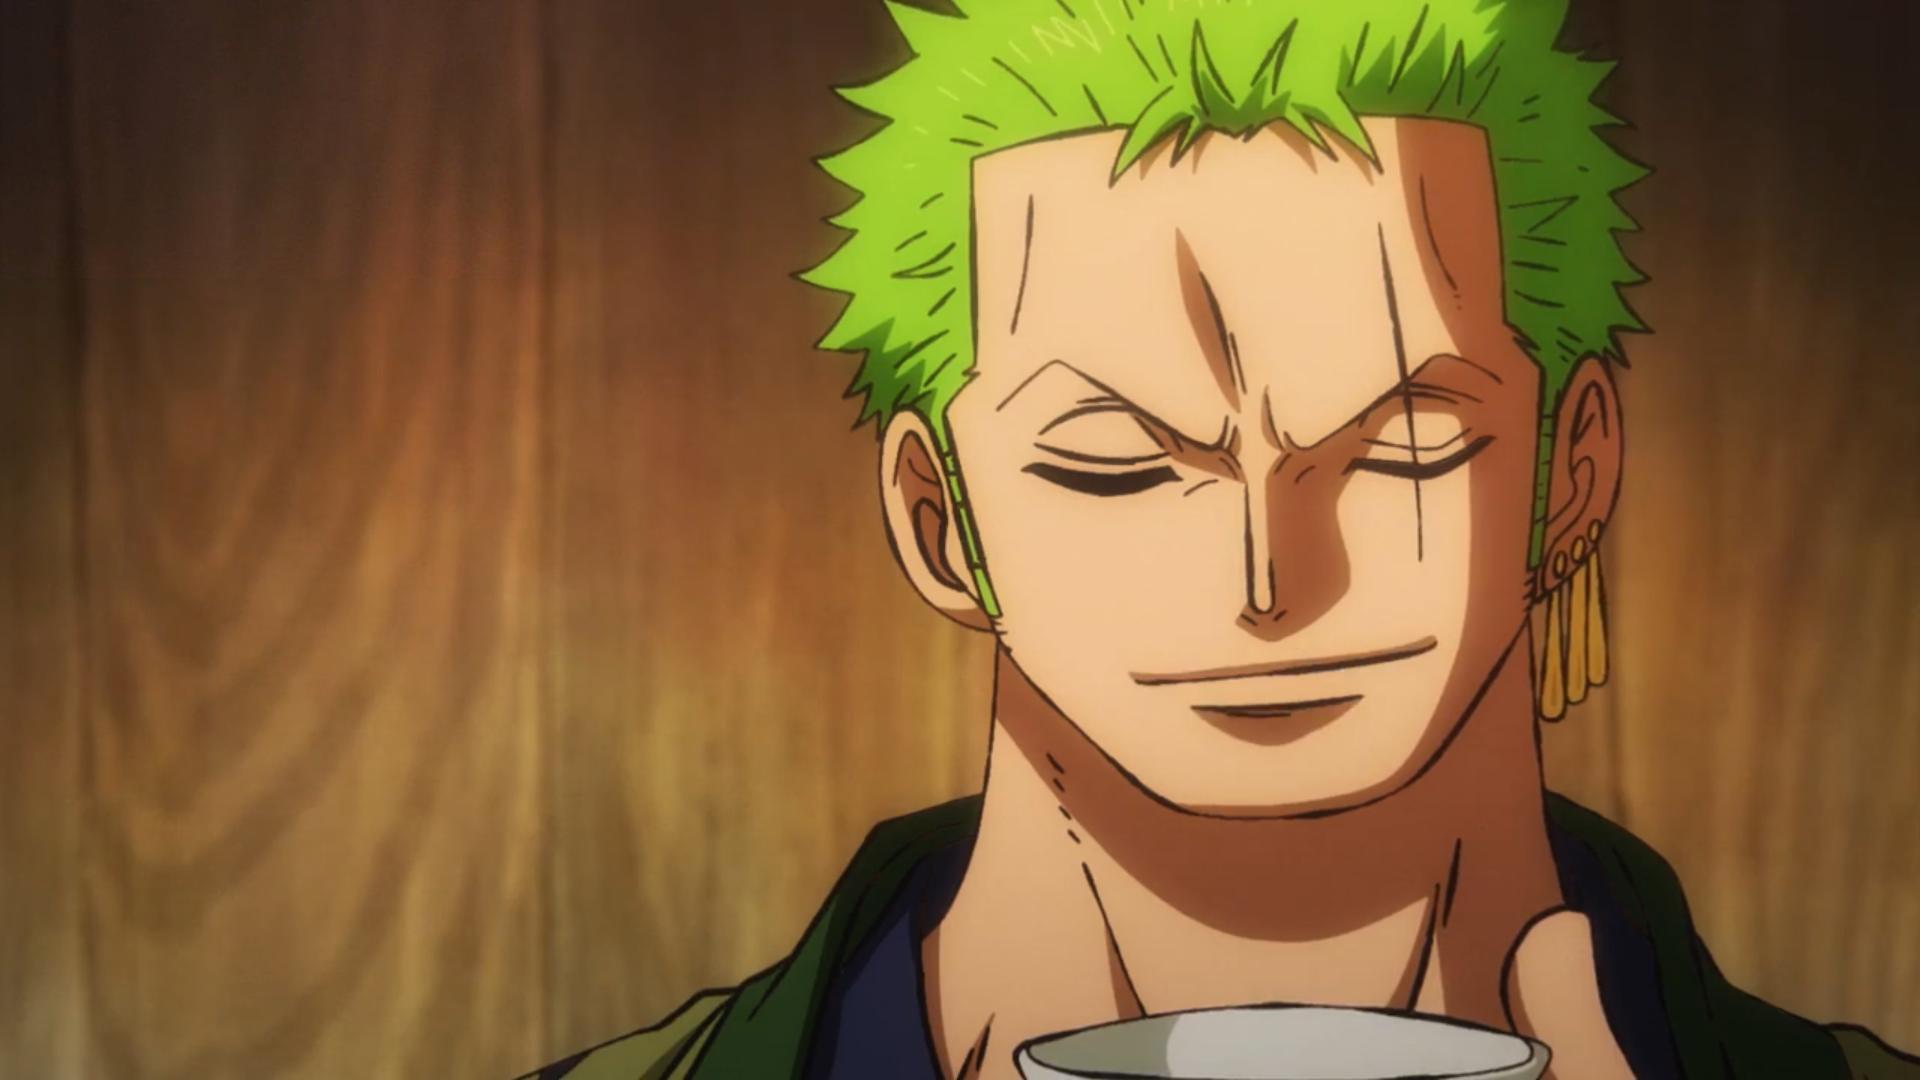 10 Karakter Anime Paling Populer Menurut MAL 7